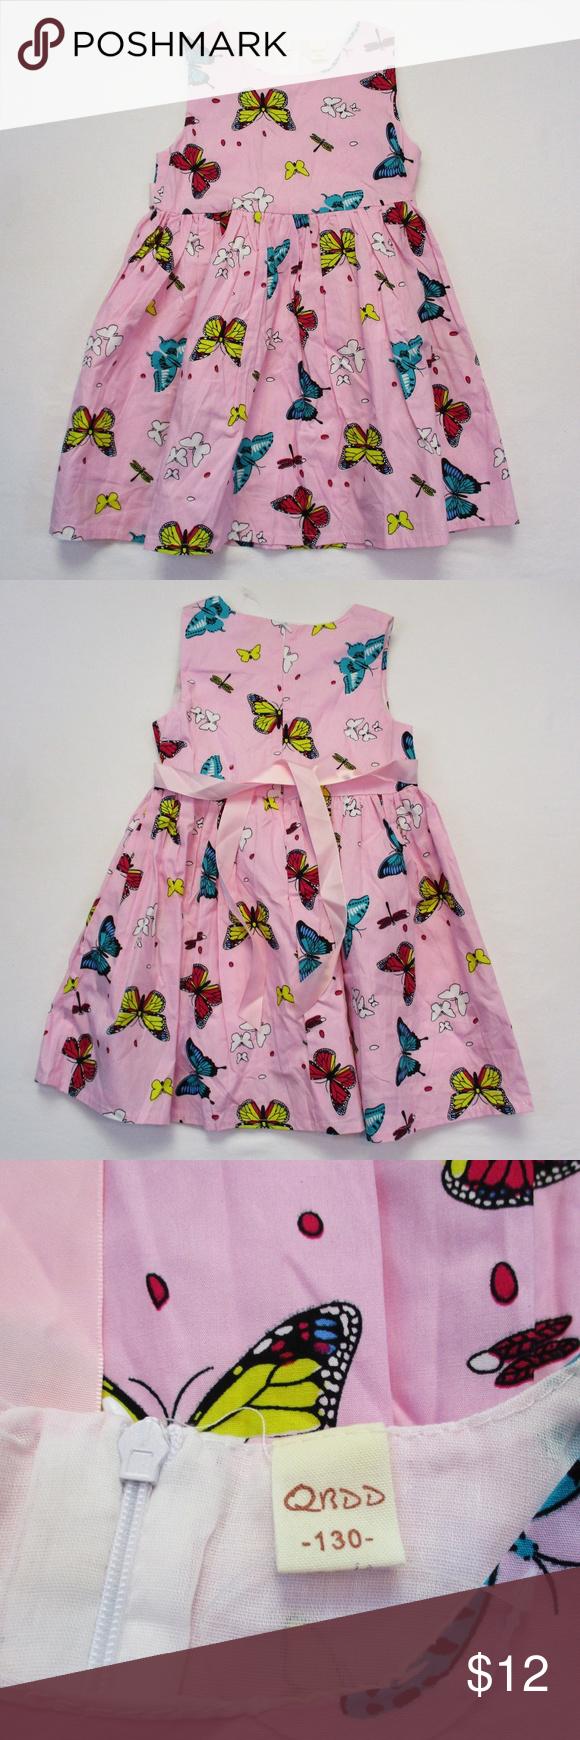 Qrdd Toddler Girls Butterfly Pink Dress Size 4t Qrdd New Without Tags Toddler Girls Butterfly Dress Size 4t Girls Butterfly Dress Pink Dress Butterfly Dress [ 1740 x 580 Pixel ]